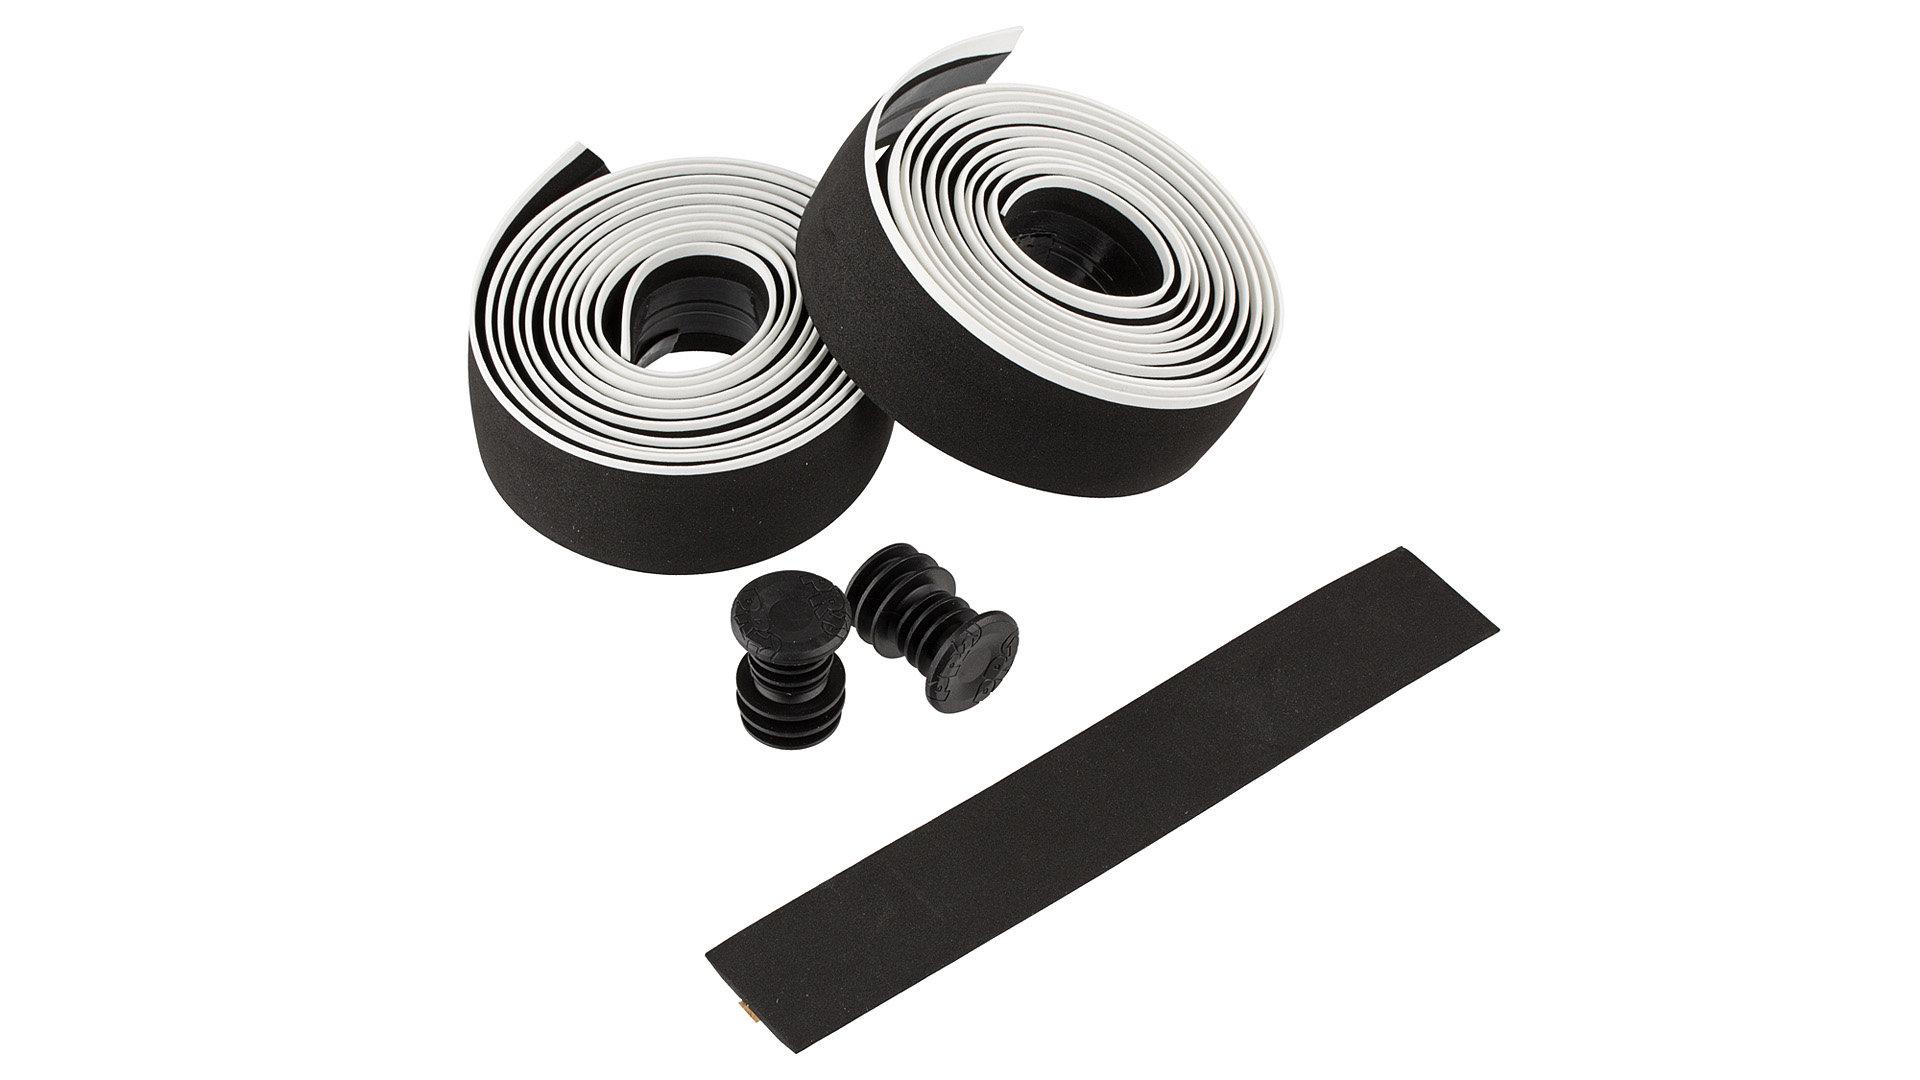 PRO silikonová omotávka Sport control, černá/bílá